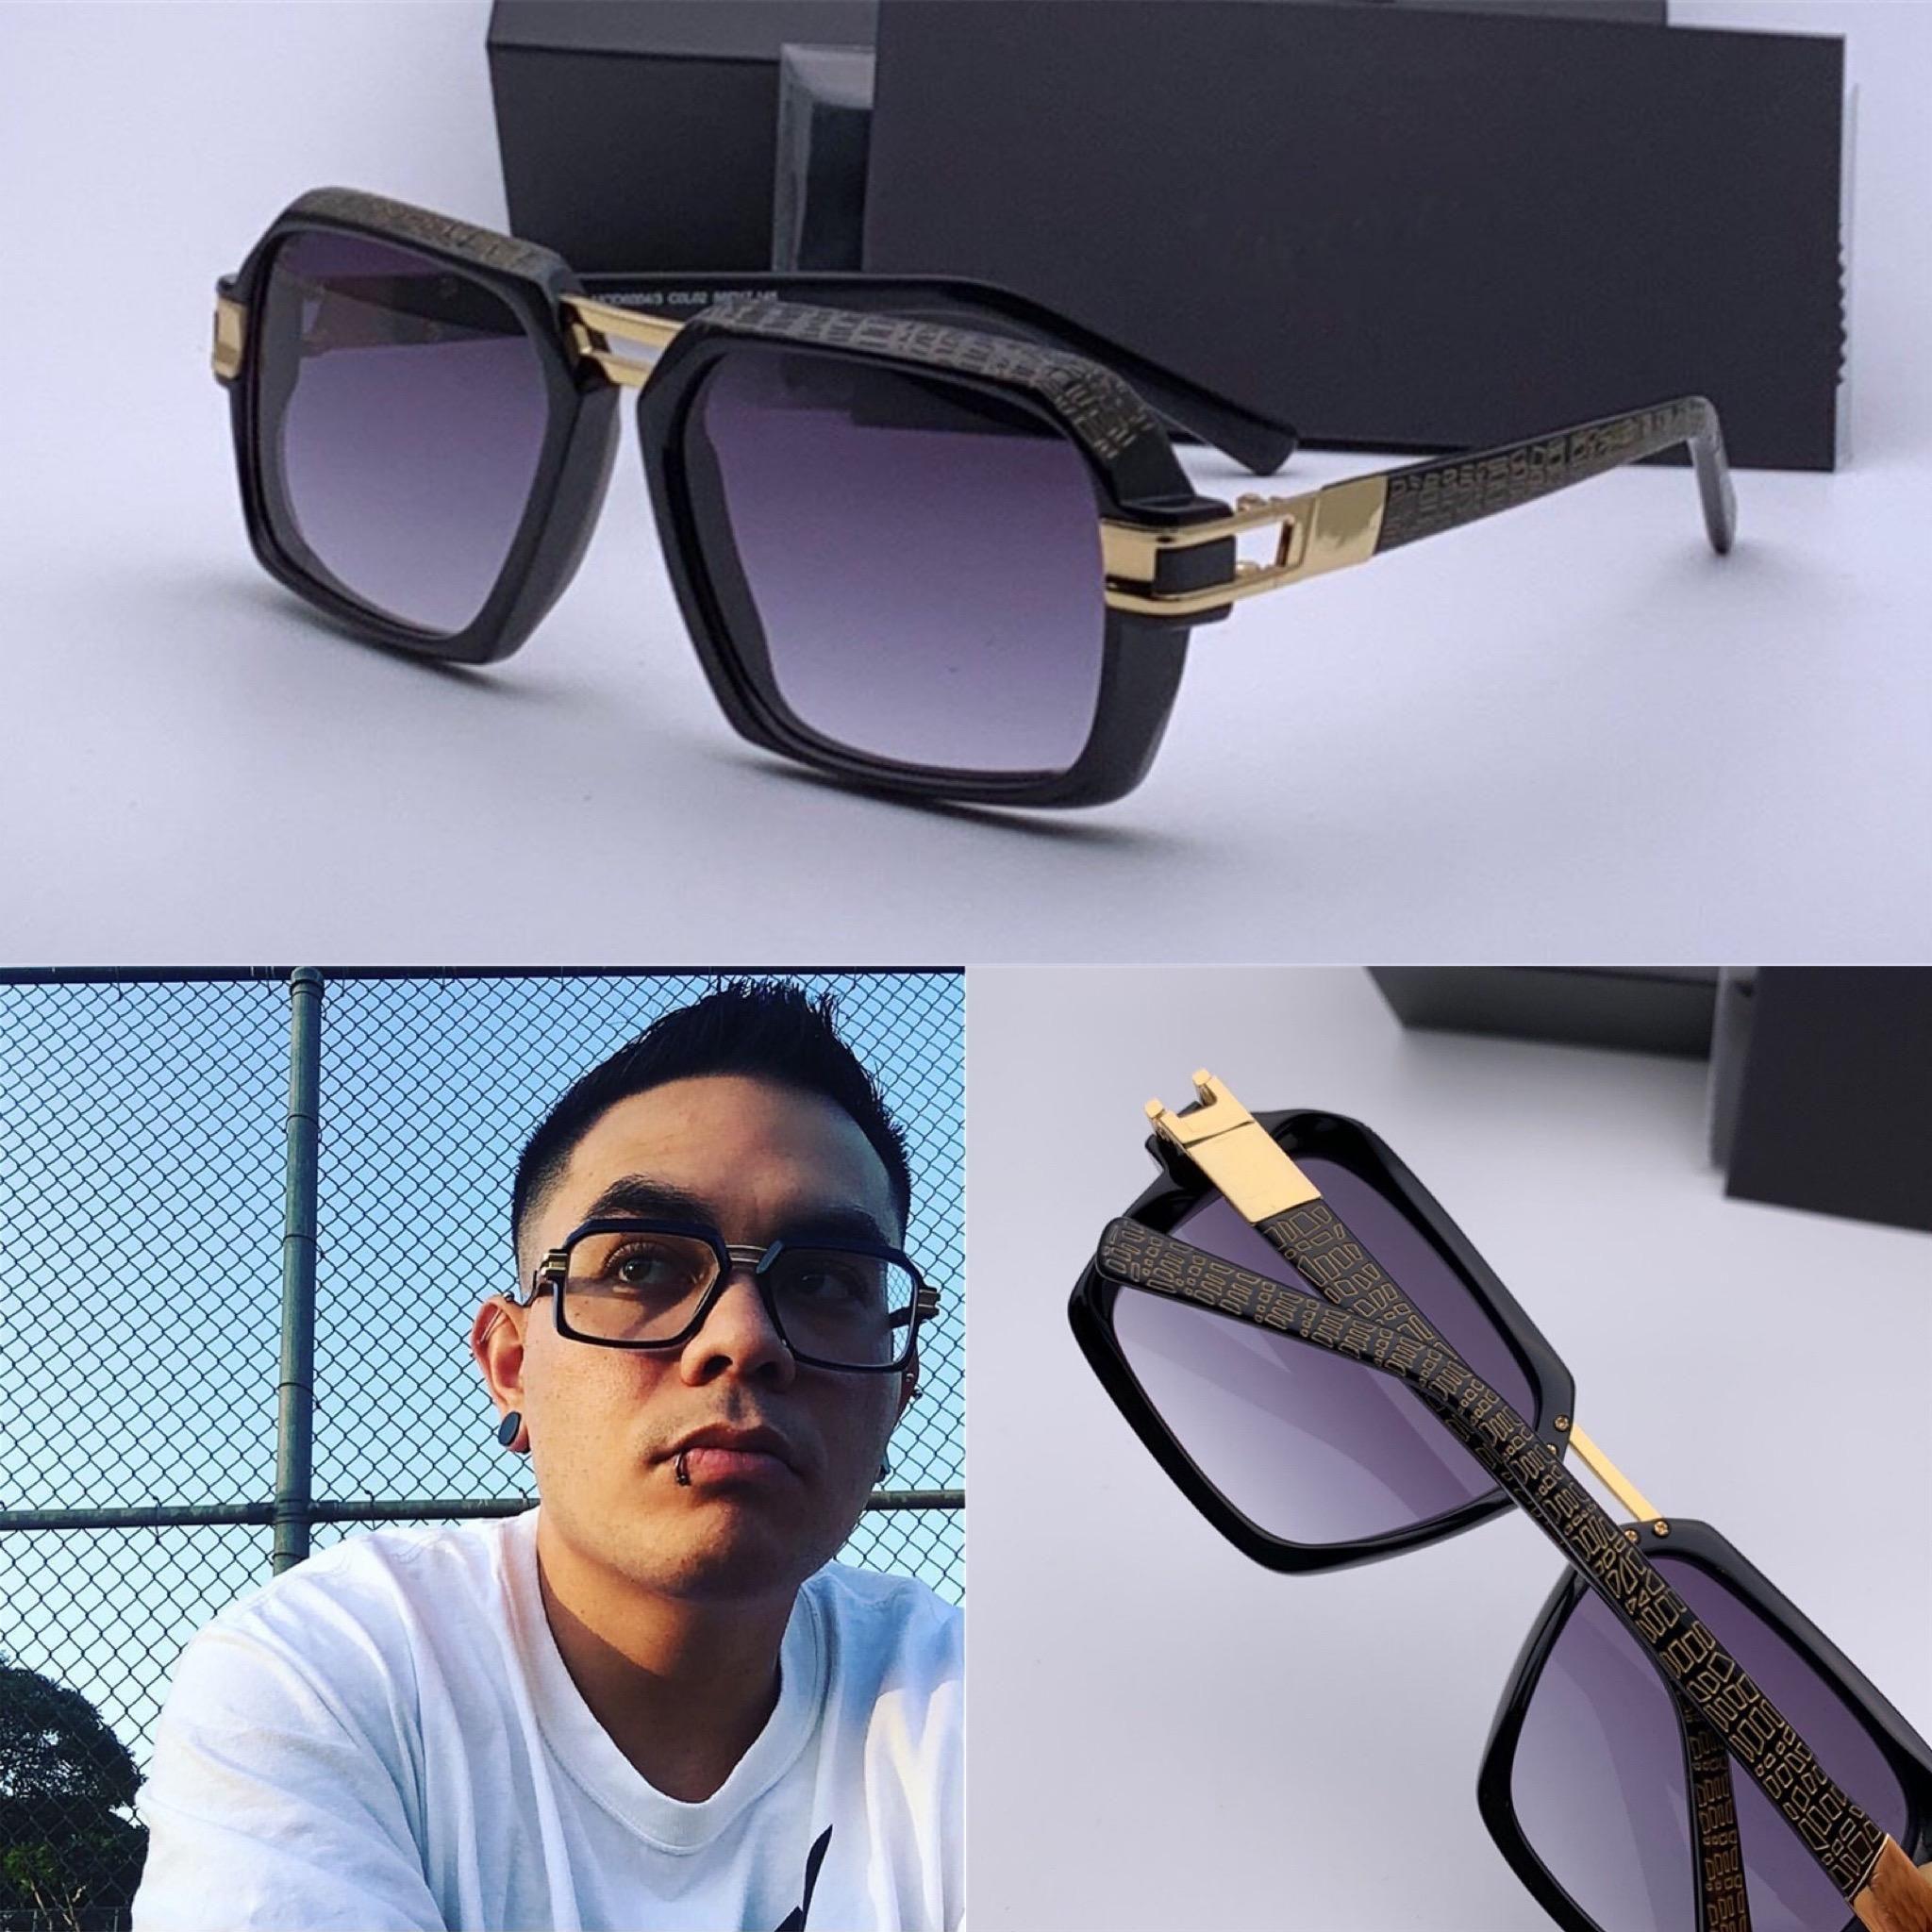 Les nouveaux hommes populaires design allemand lunettes de soleil style design simple mode cadre imprimé 6004 punk rétro carré avec étui